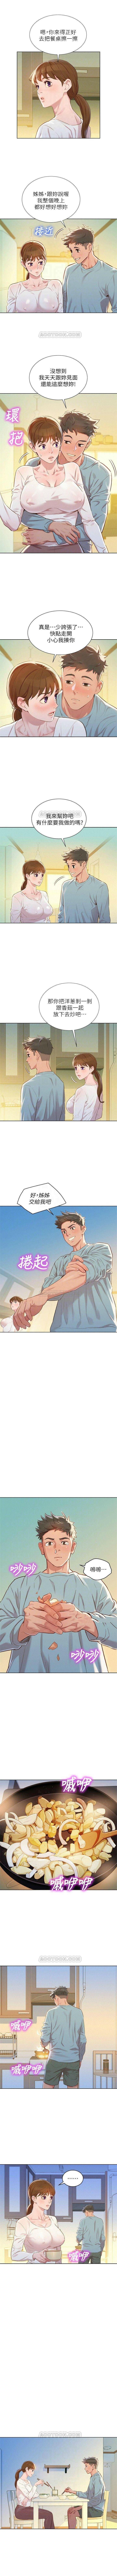 (周7)漂亮干姐姐  1-81 中文翻译 (更新中) 457